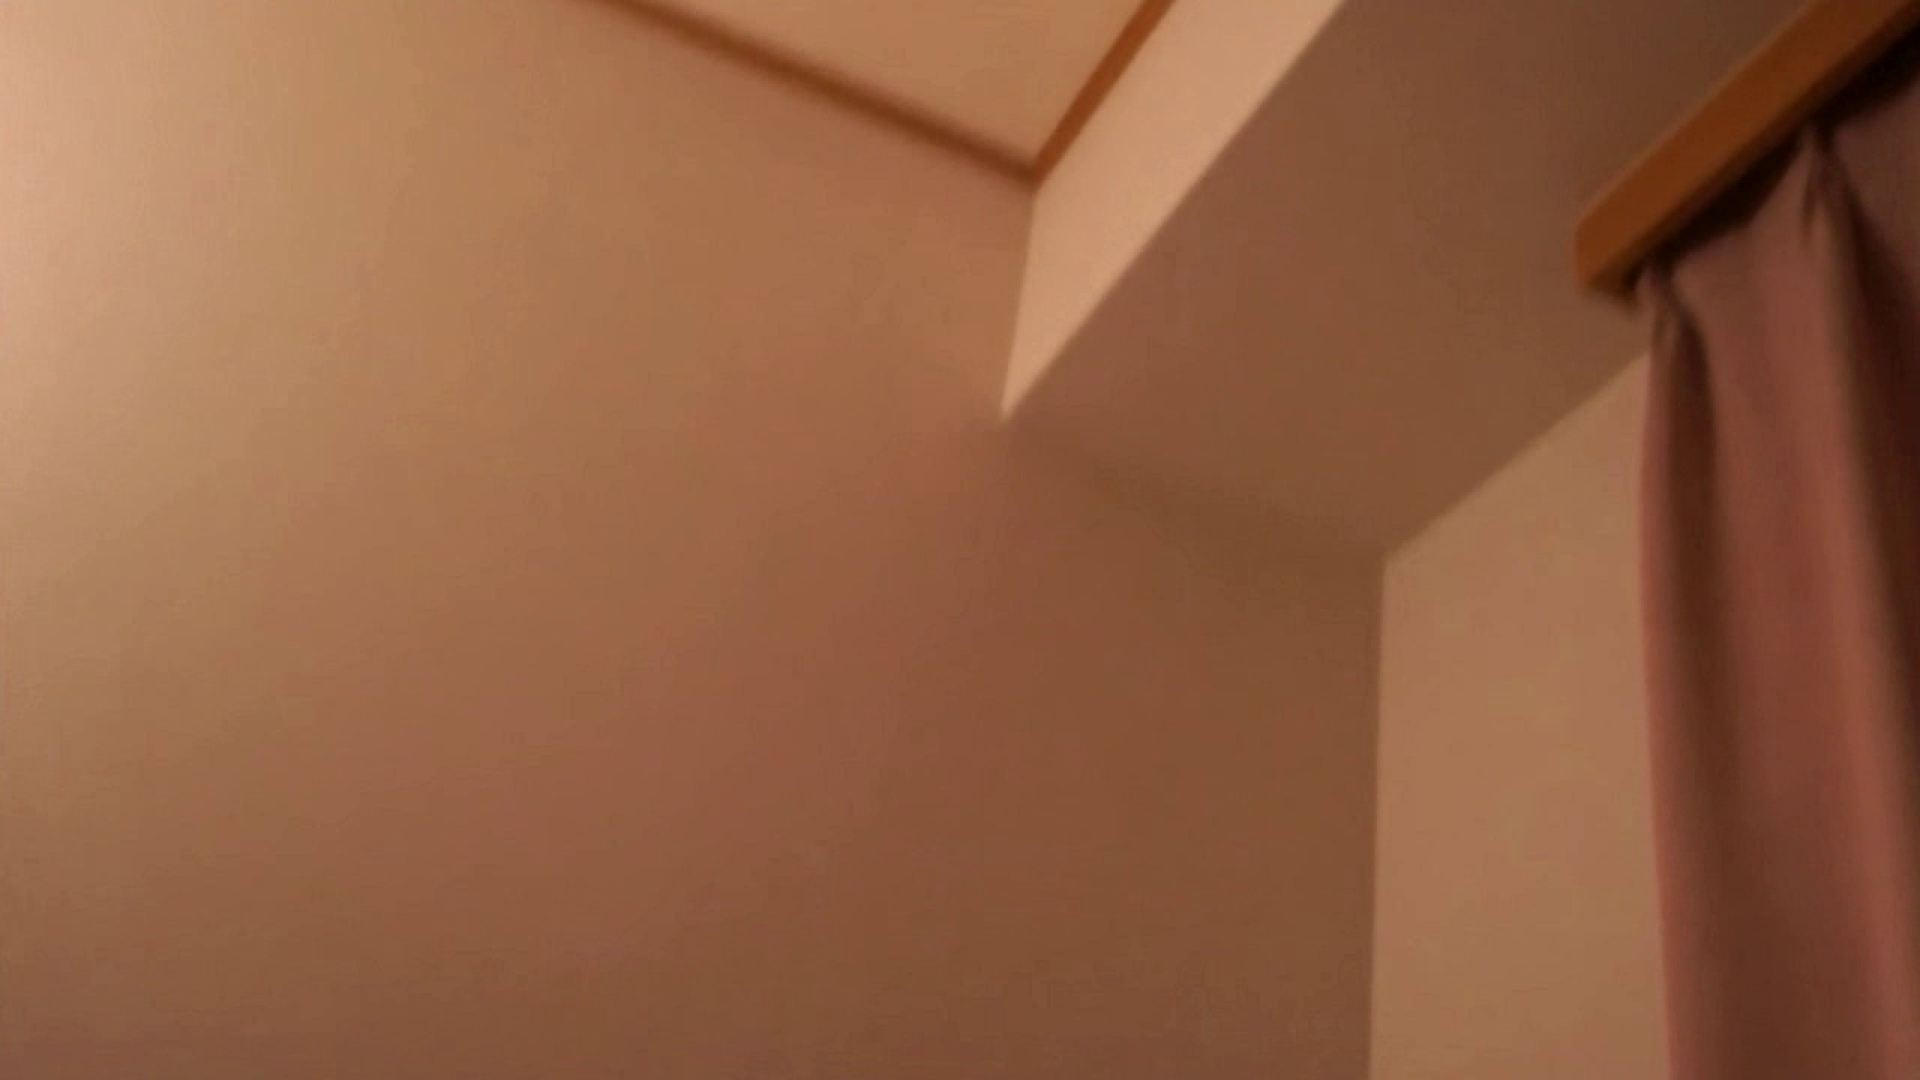 vol.8 【Mちゃん(2回目)】ブランド品査定士19歳 花子とも仲良し イタズラ | パンチラ  102画像 17